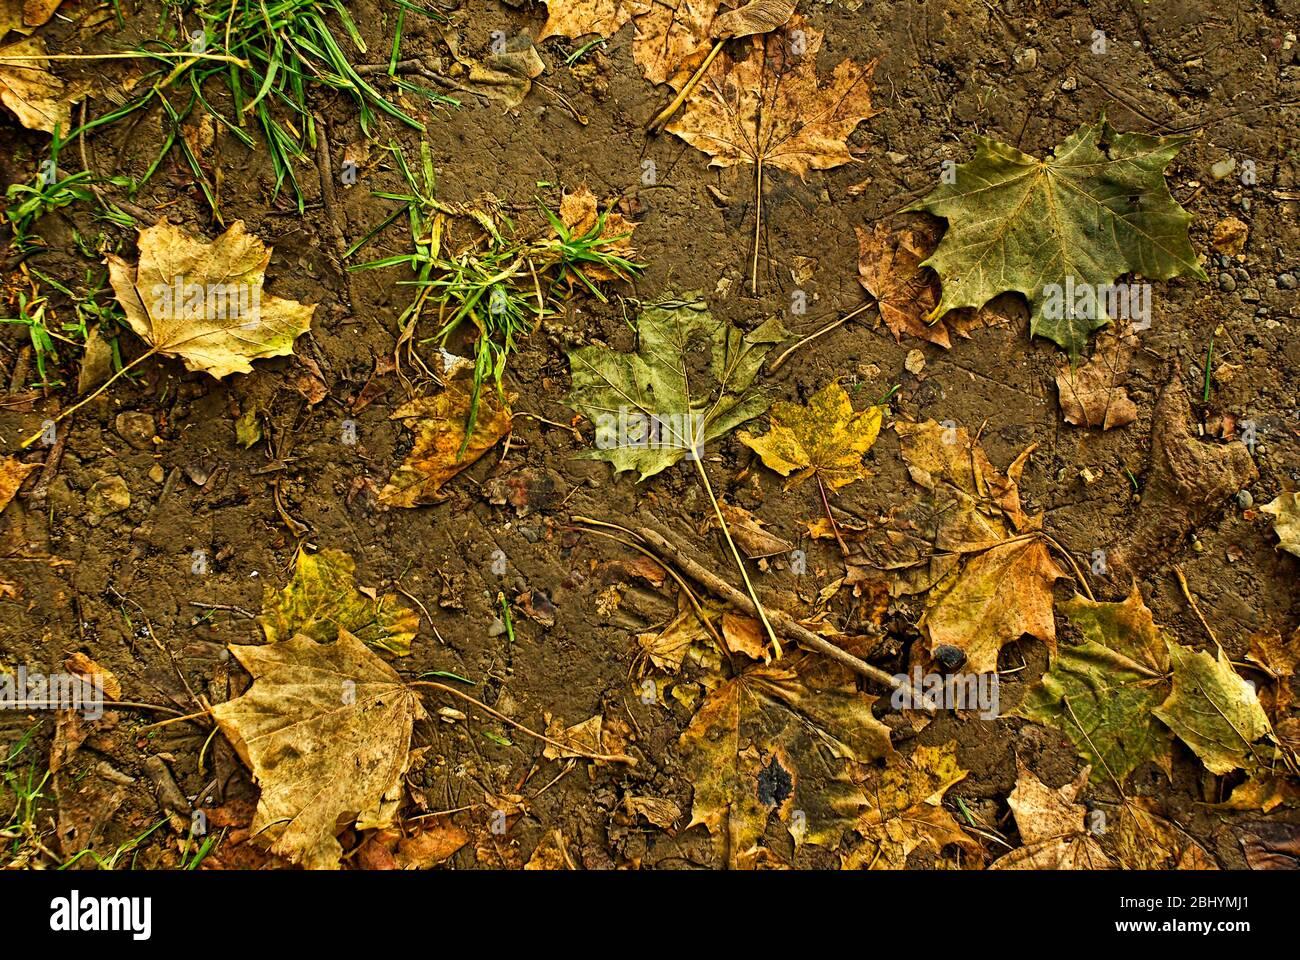 Herbstblätter trampten in den erweichten Boden. Stockfoto